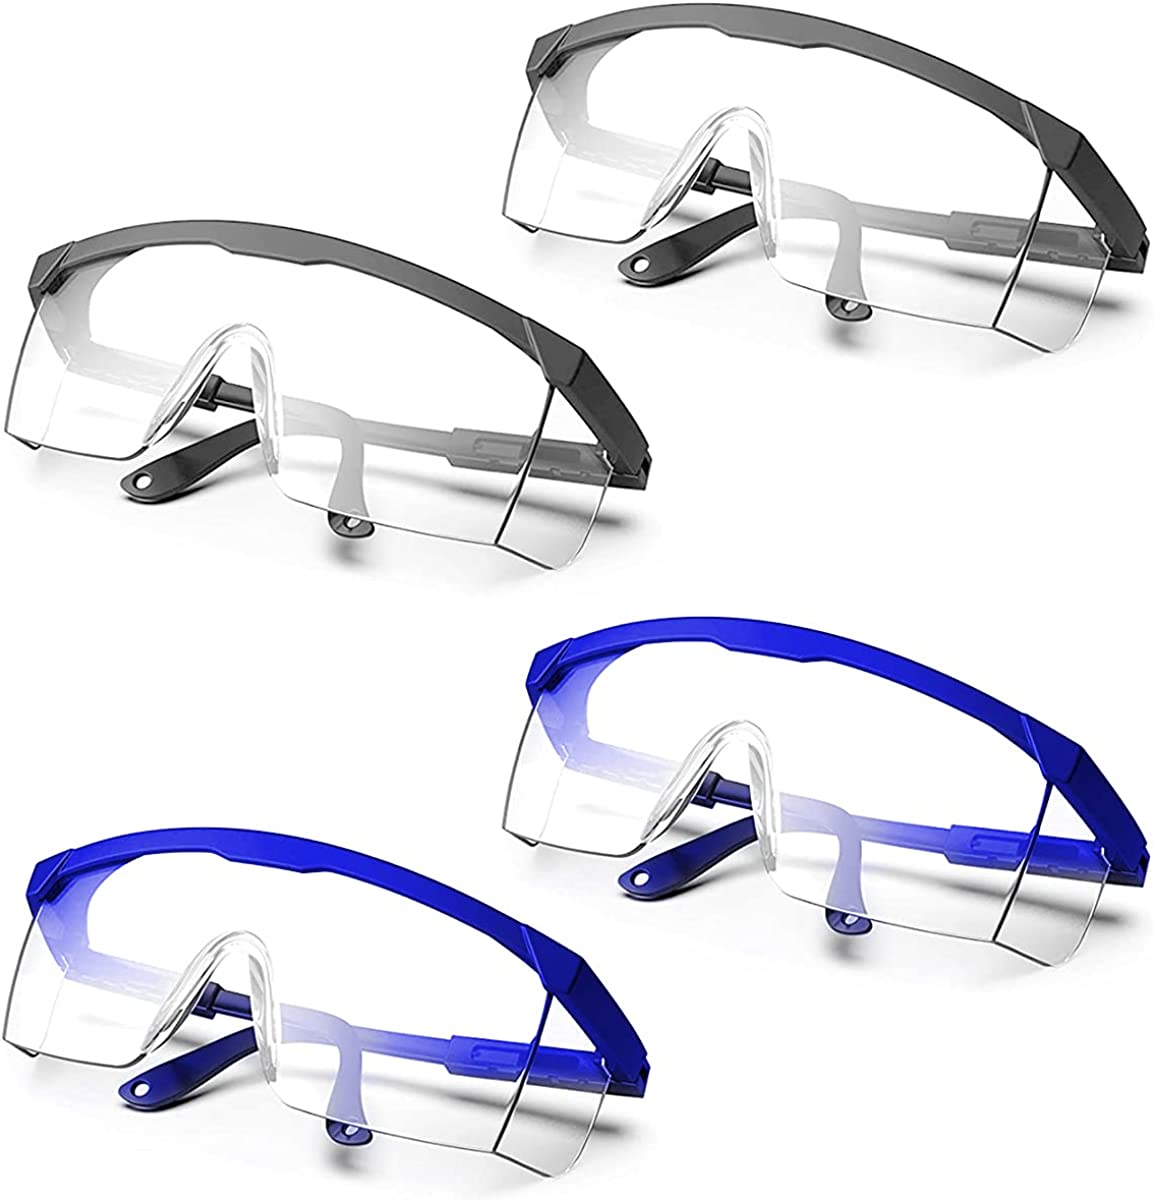 Qixuer 4 Piezas Gafas de Protección,Gafas de Seguridad Plegable Gafas Protectoras Ojos a Prueba de VientoTransparentes de Trabajo Gafas a Prueba de Polvo para Laboratorio Agricultura Industria